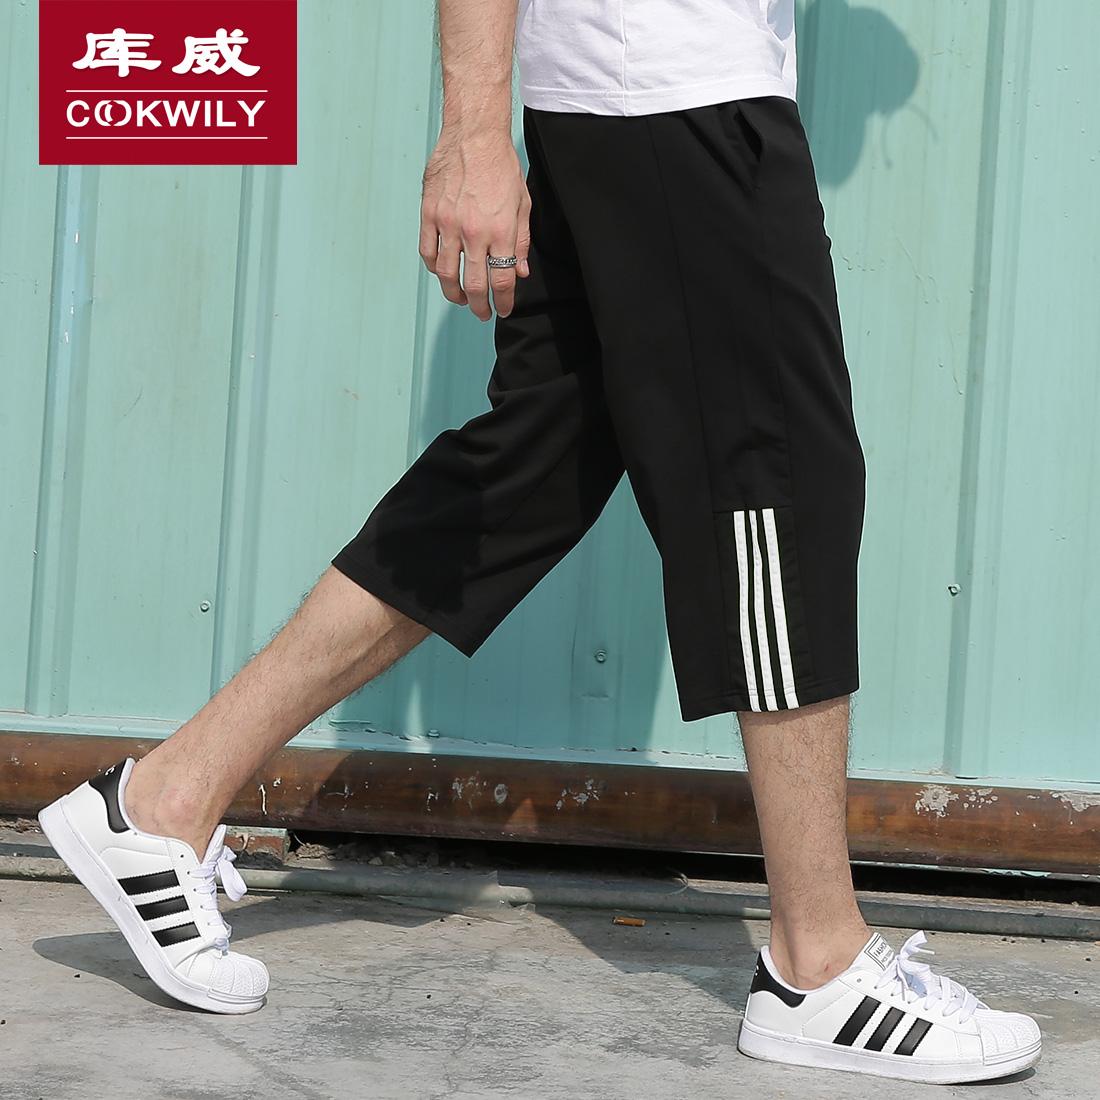 休闲篮球男七分裤夏季7分宽松跑步过膝透气薄款健身运动短裤中裤